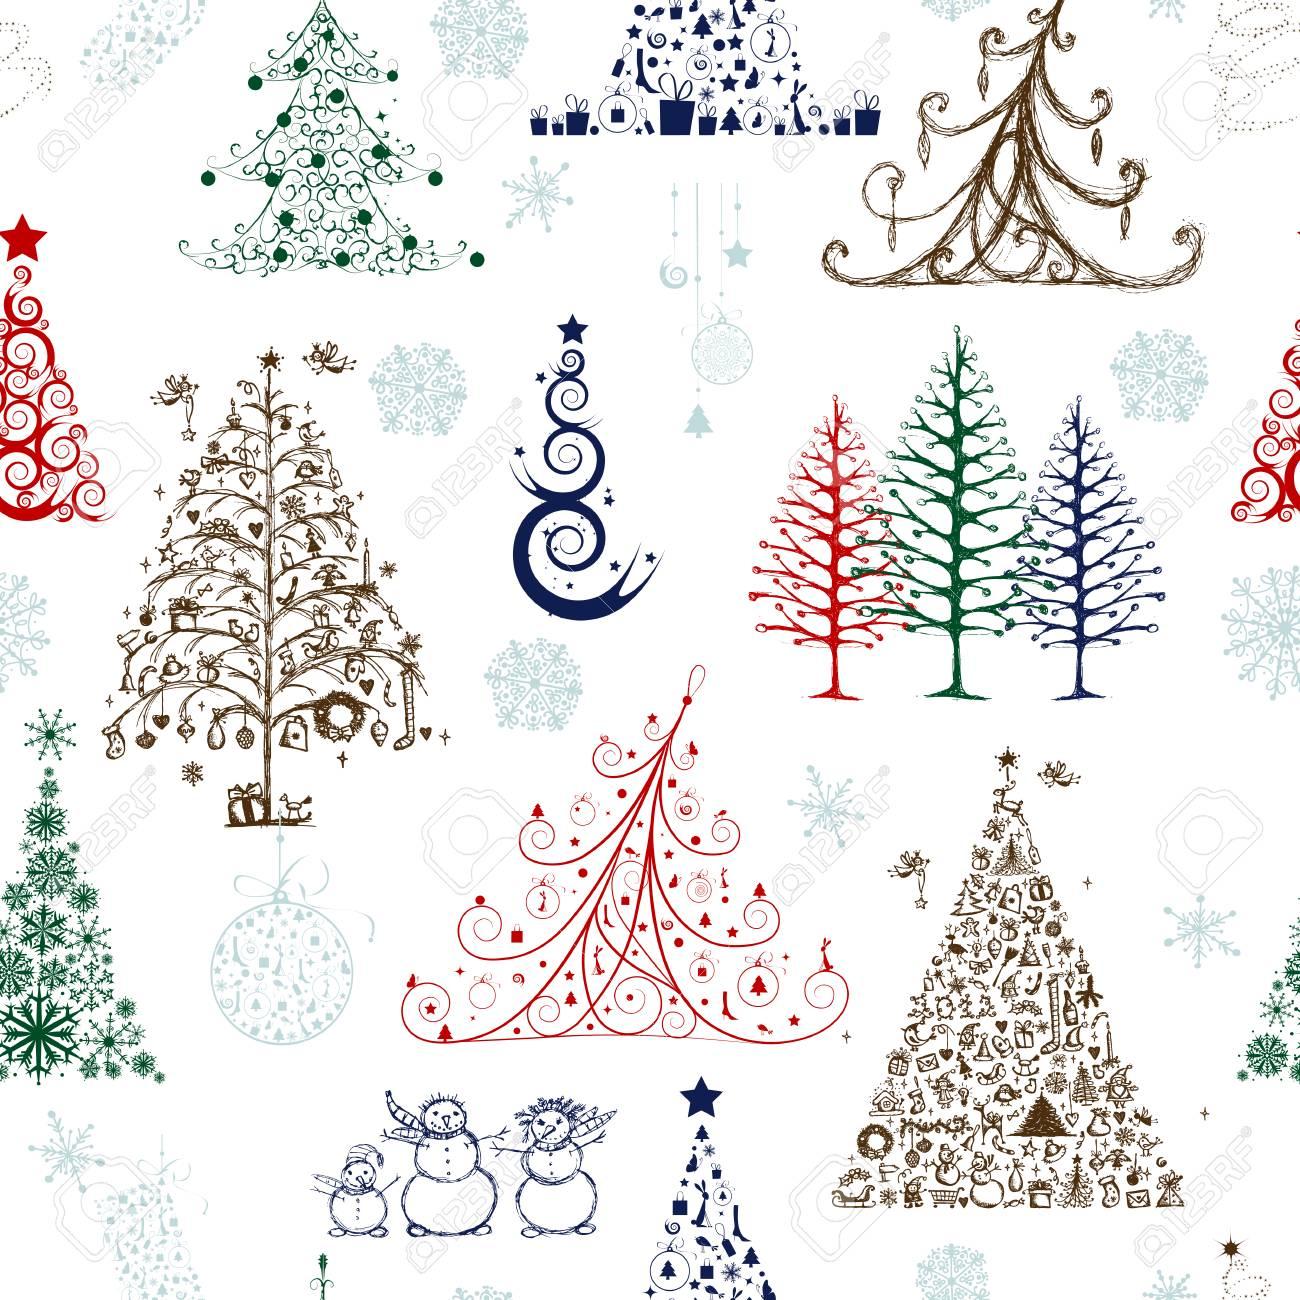 Disegni Di Alberi Di Natale.Alberi Di Natale Modello Senza Soluzione Di Continuita Per Il Vostro Disegno